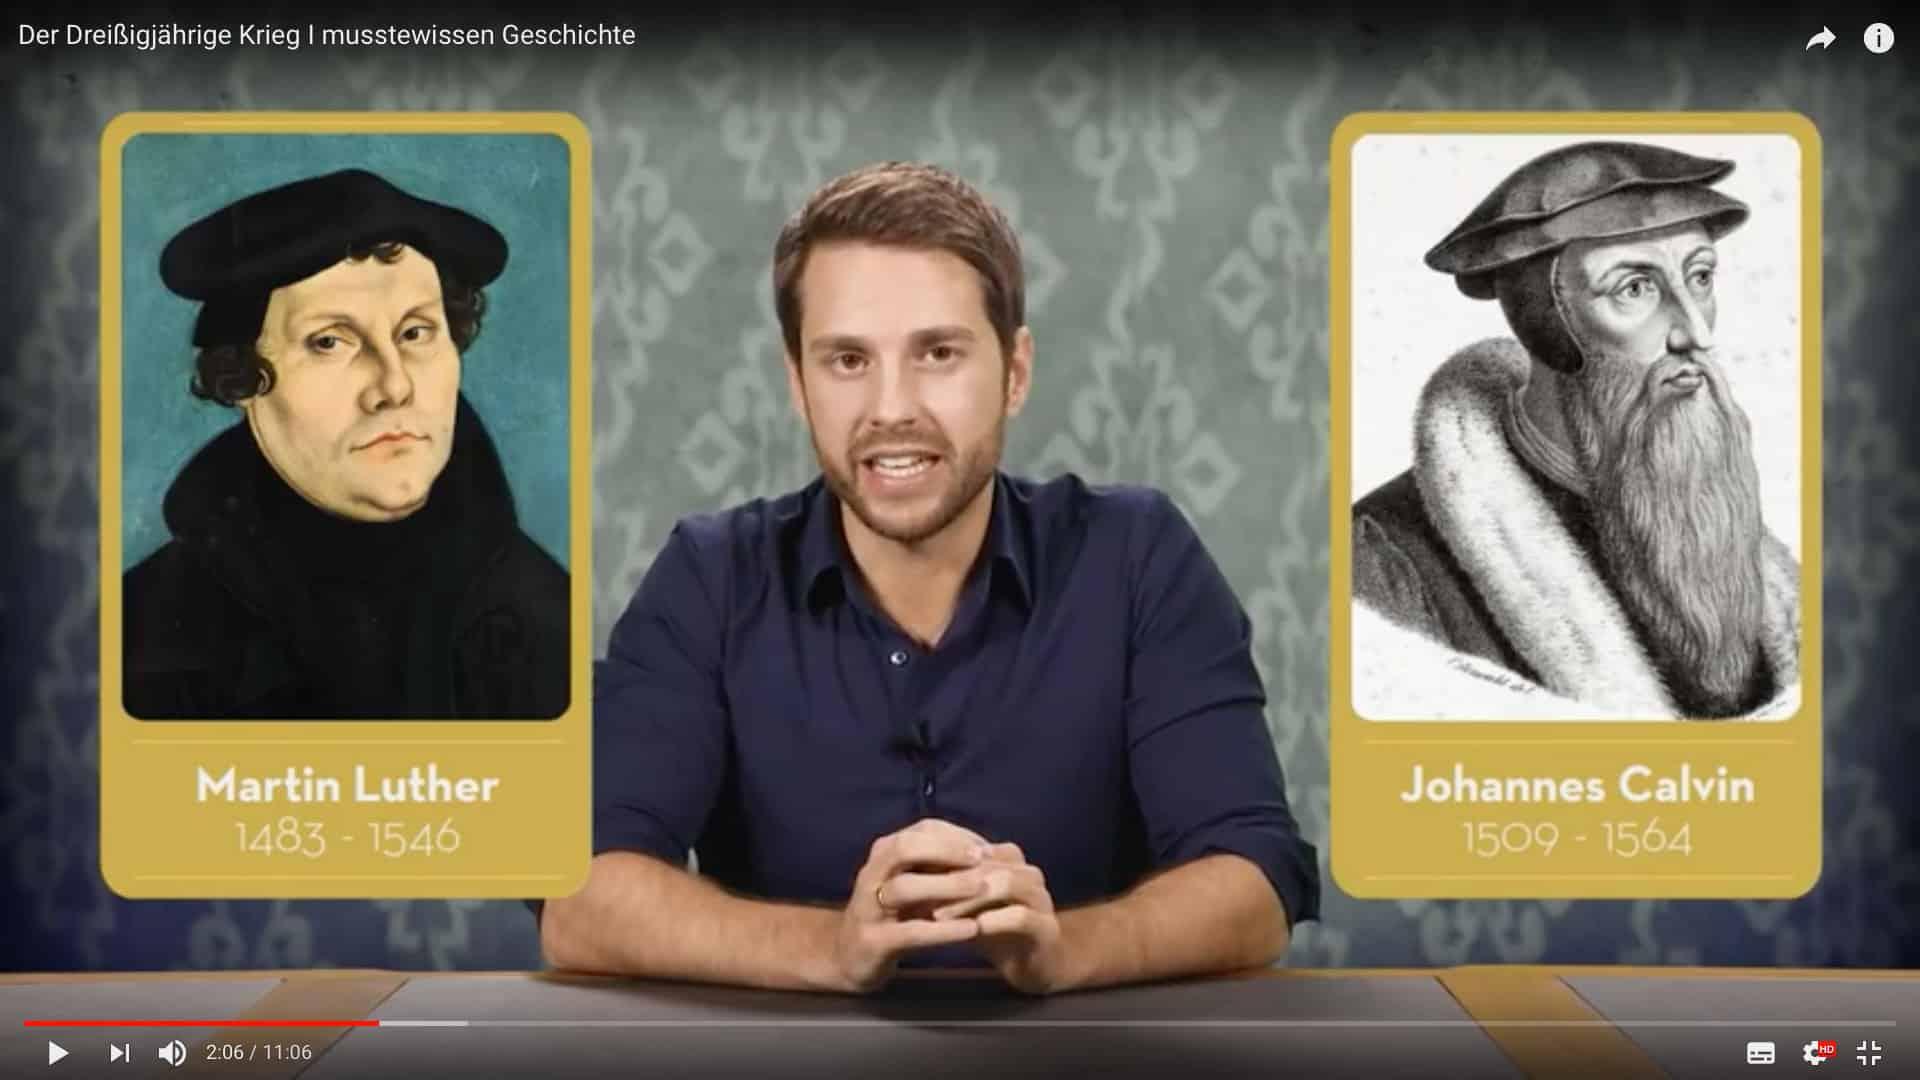 Mirko Drotschmann erklärt zu Bildern von Luther und Calvin